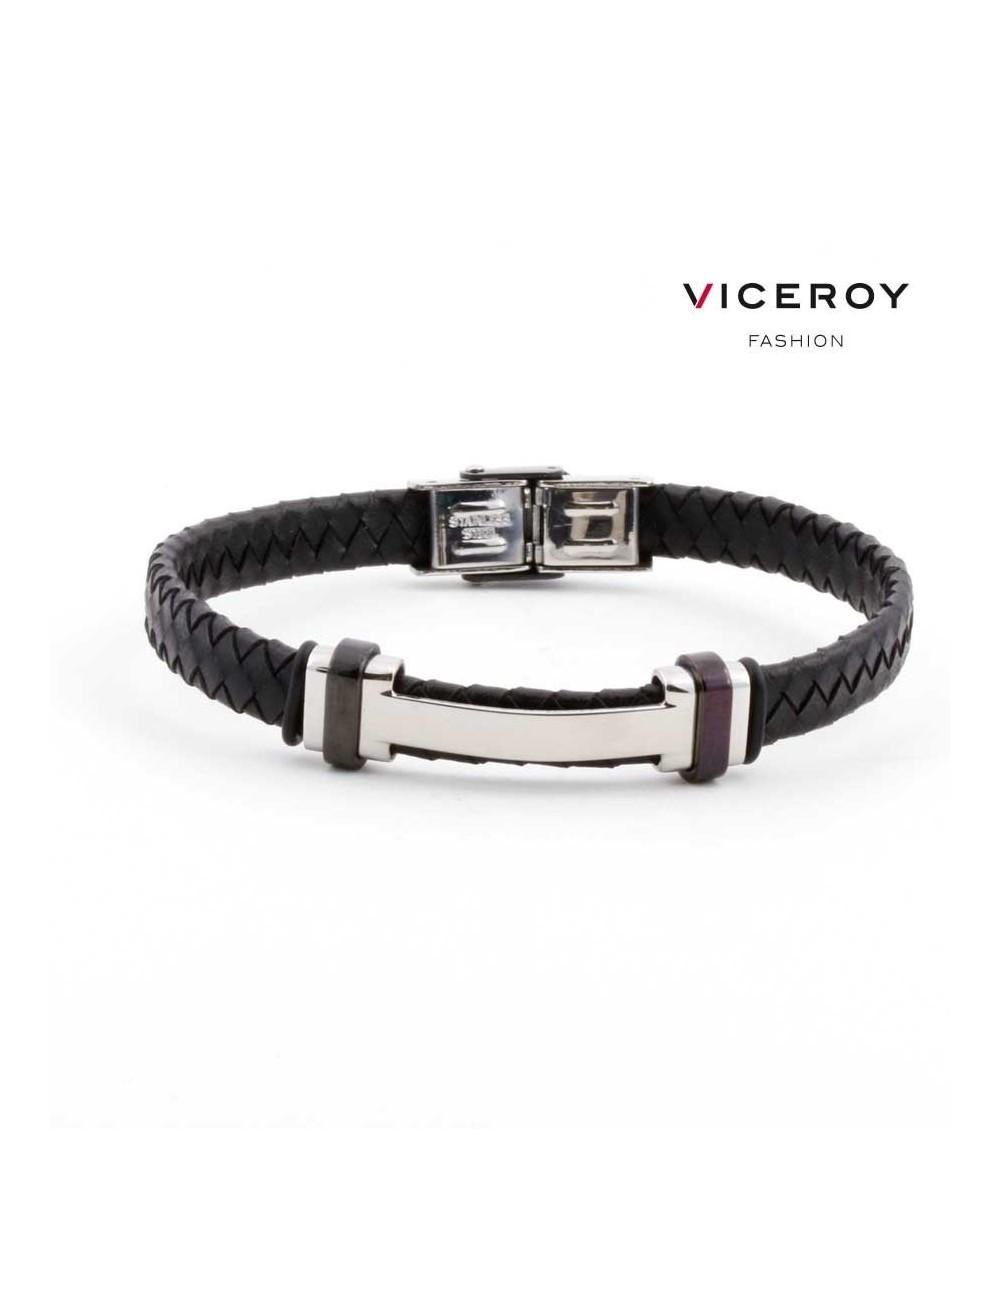 d4ef39b4ead2 Pulsera Viceroy Fashion hombre acero H cuero trenzado negro 6336P09010